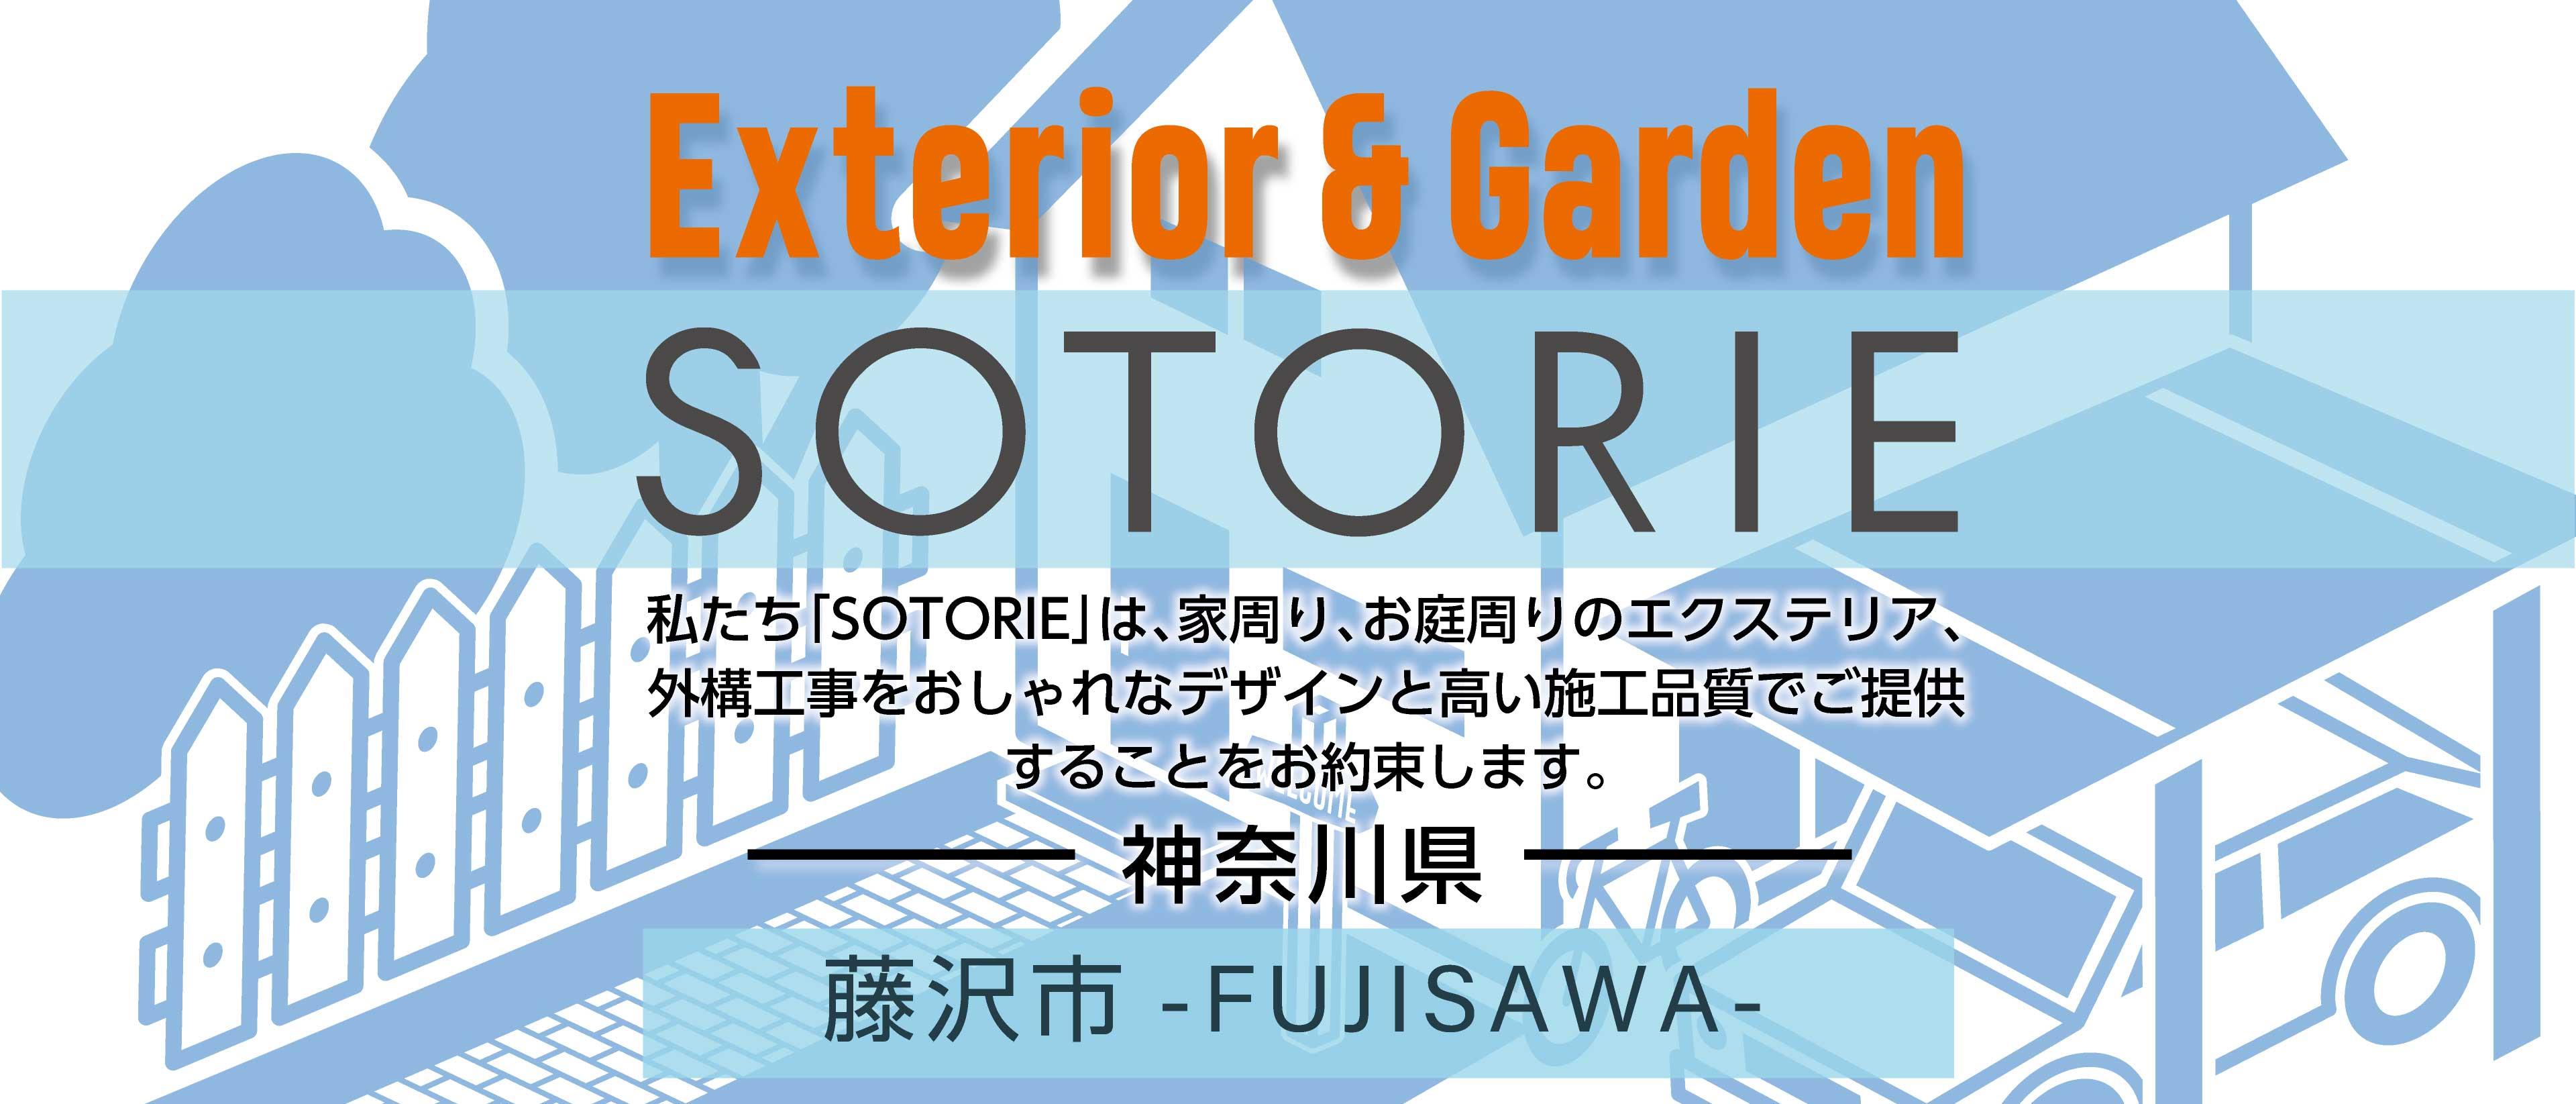 ソトリエ藤沢市では、家周りと庭周りの外構、エクステリア工事をおしゃれなデザインと高い施工品質でご提供することをお約束します。